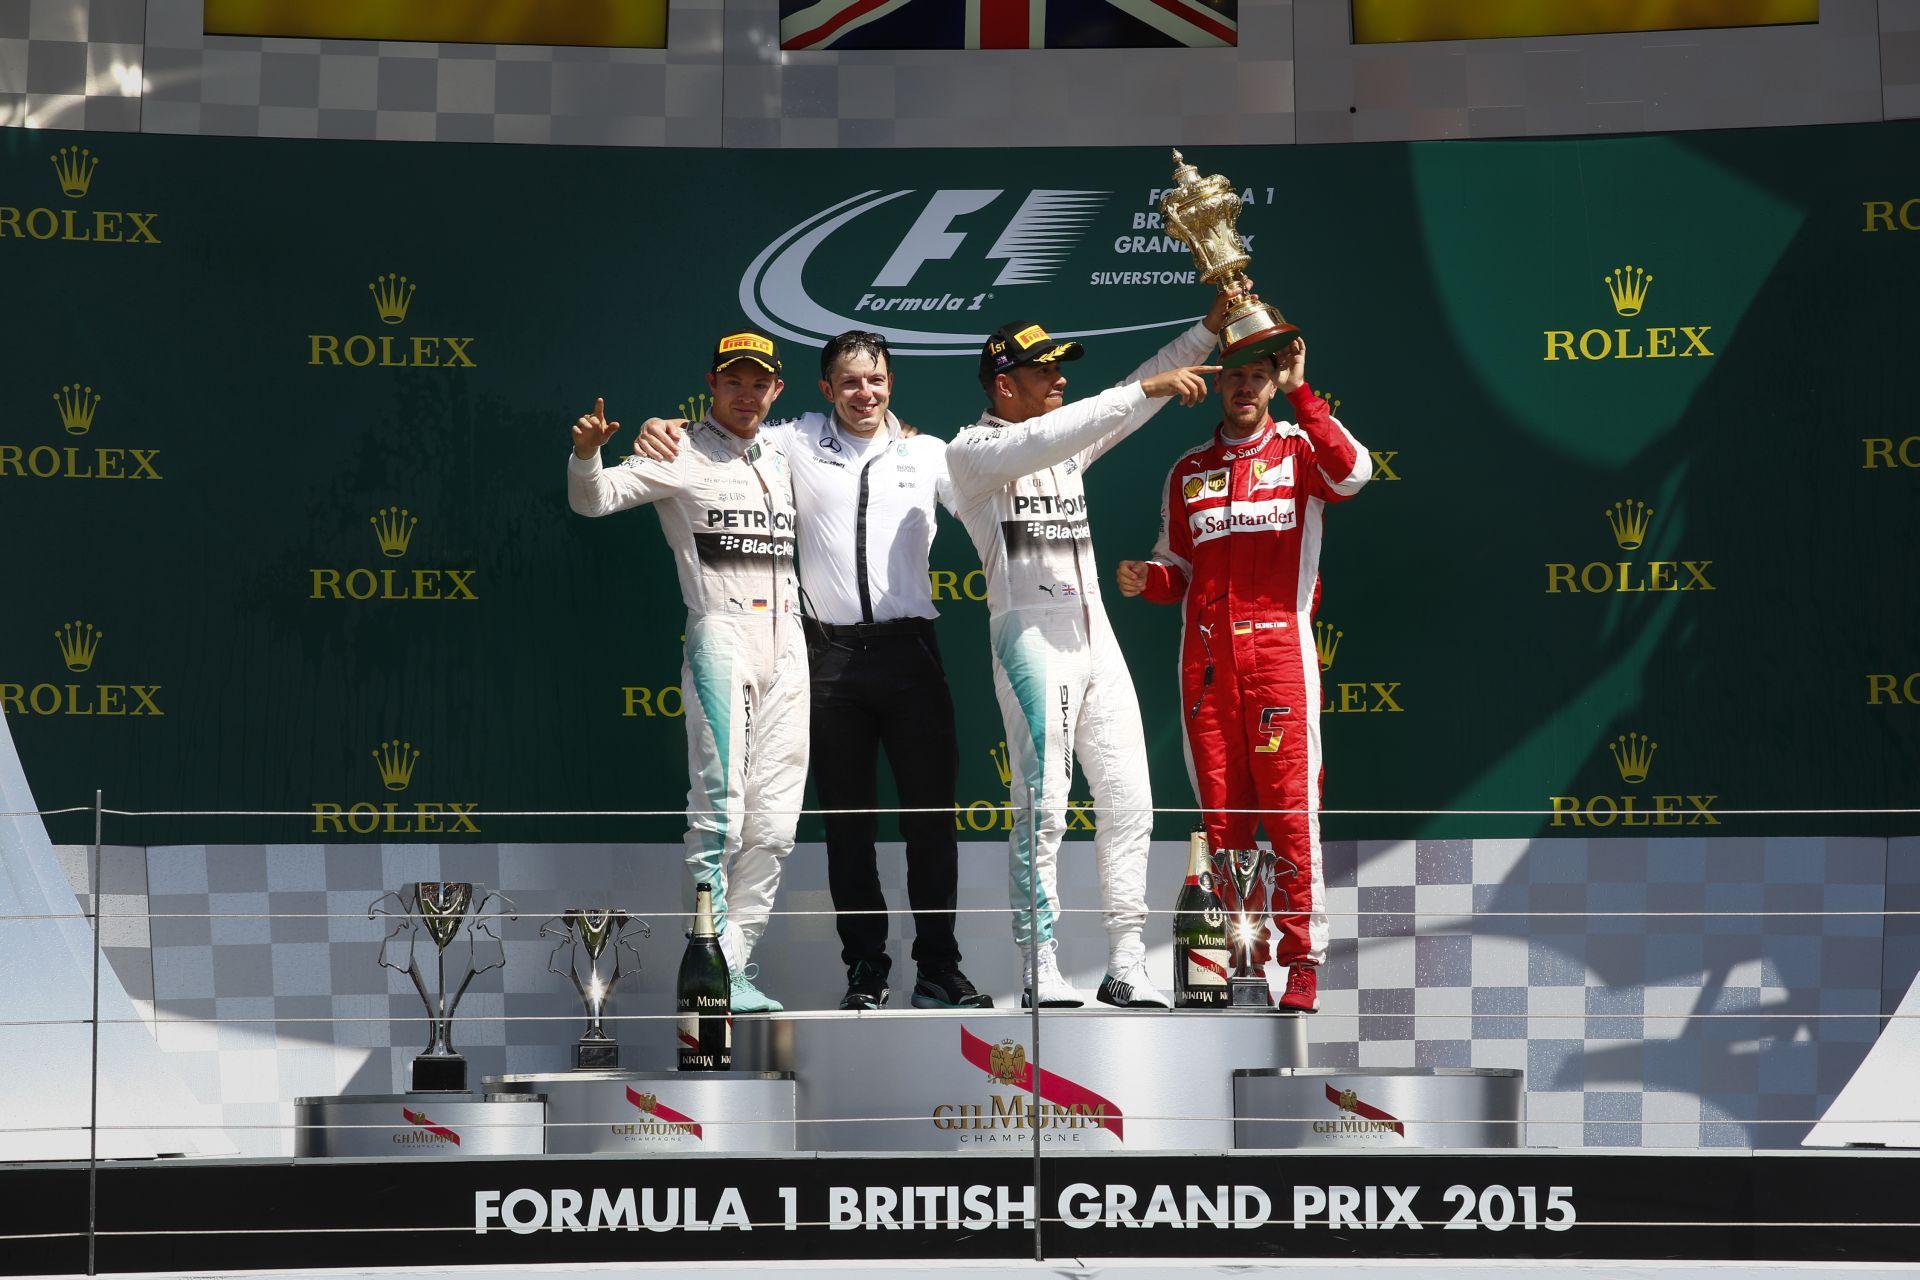 Hamilton továbbra is rekordokat döntöget - a Brit Nagydíjon utolérte Vettelt!